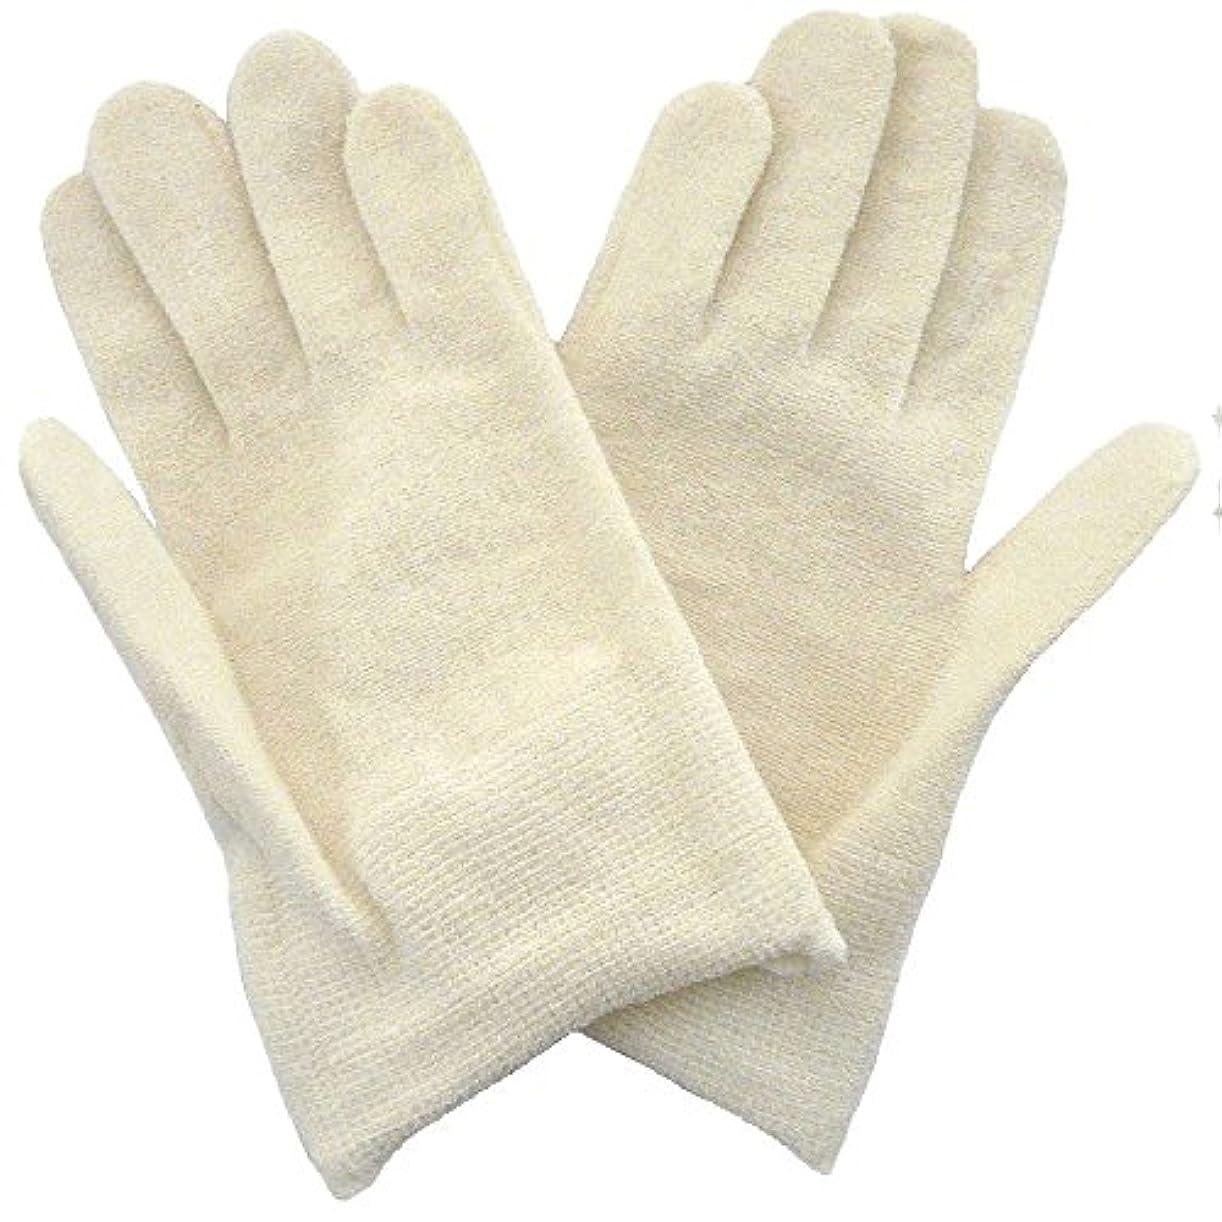 めったに袋ステープル【アトピー】【水疱瘡】【皮膚炎】 ナノミックス おやすみ手袋:キッズ用 アイボリー